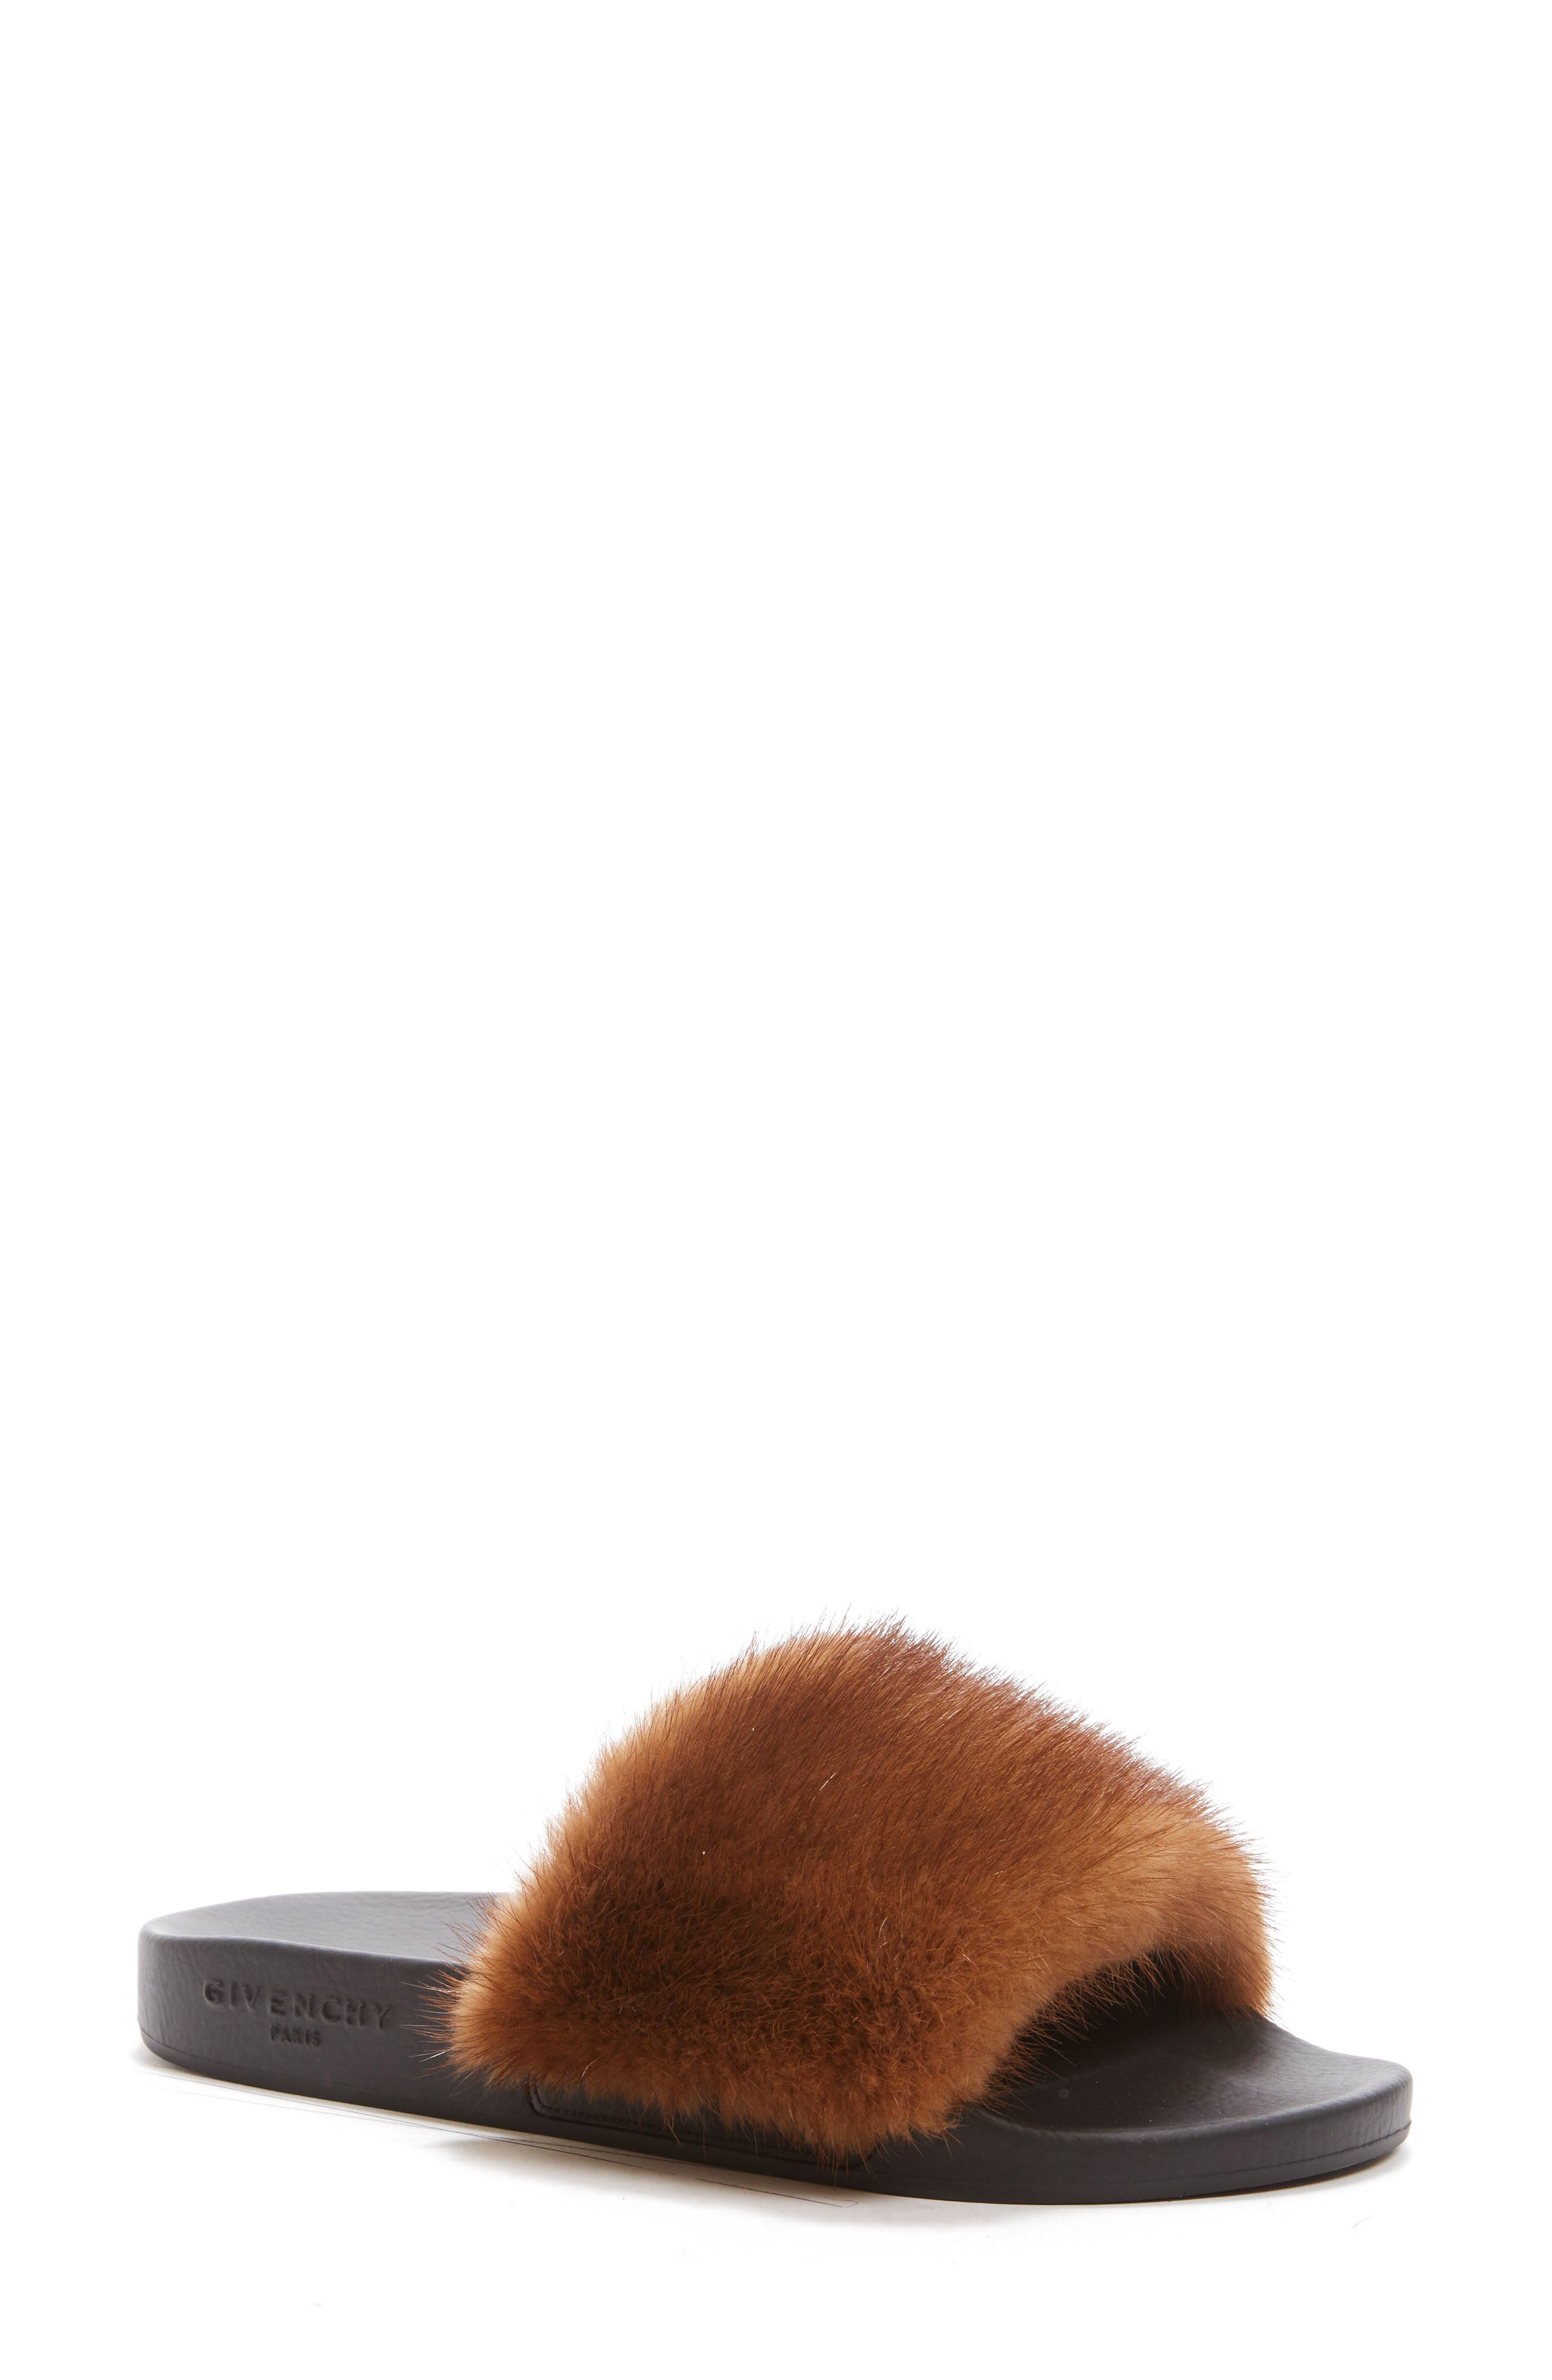 Givenchy Genuine Mink Fur Slide Sandal (Women)